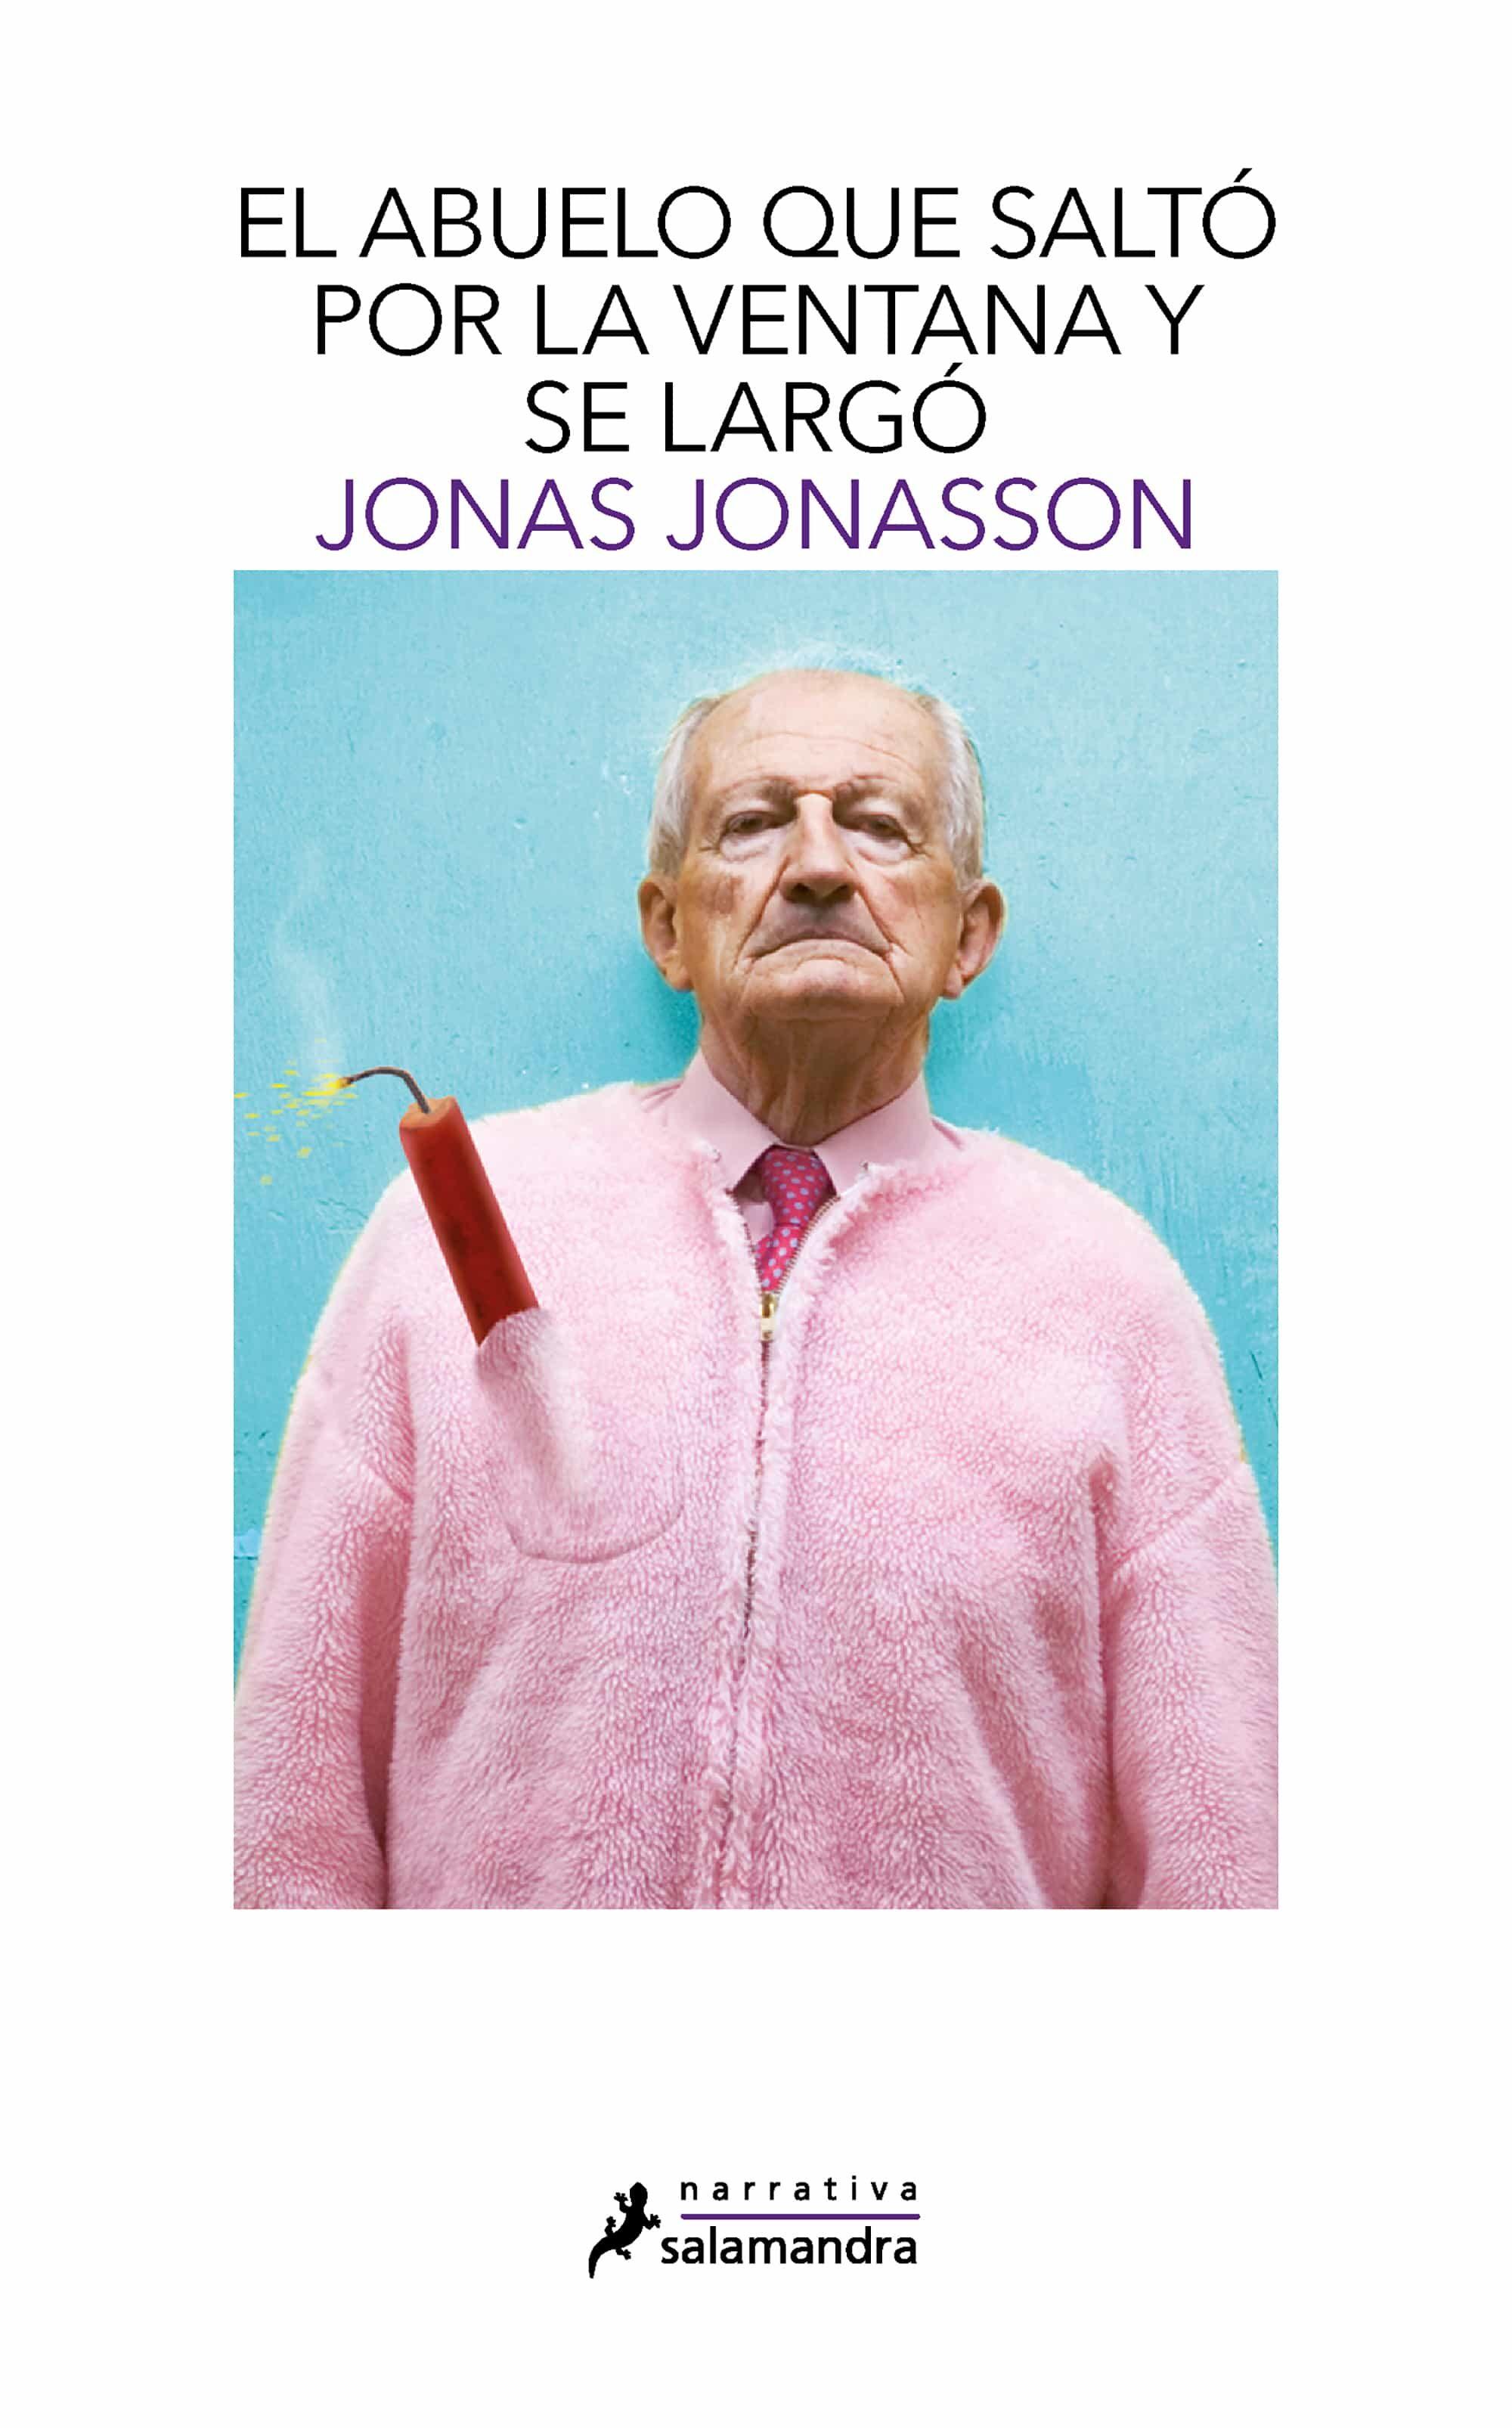 El Abuelo Que Salto Por La Ventana Y Se Largo Jonas Jonasson